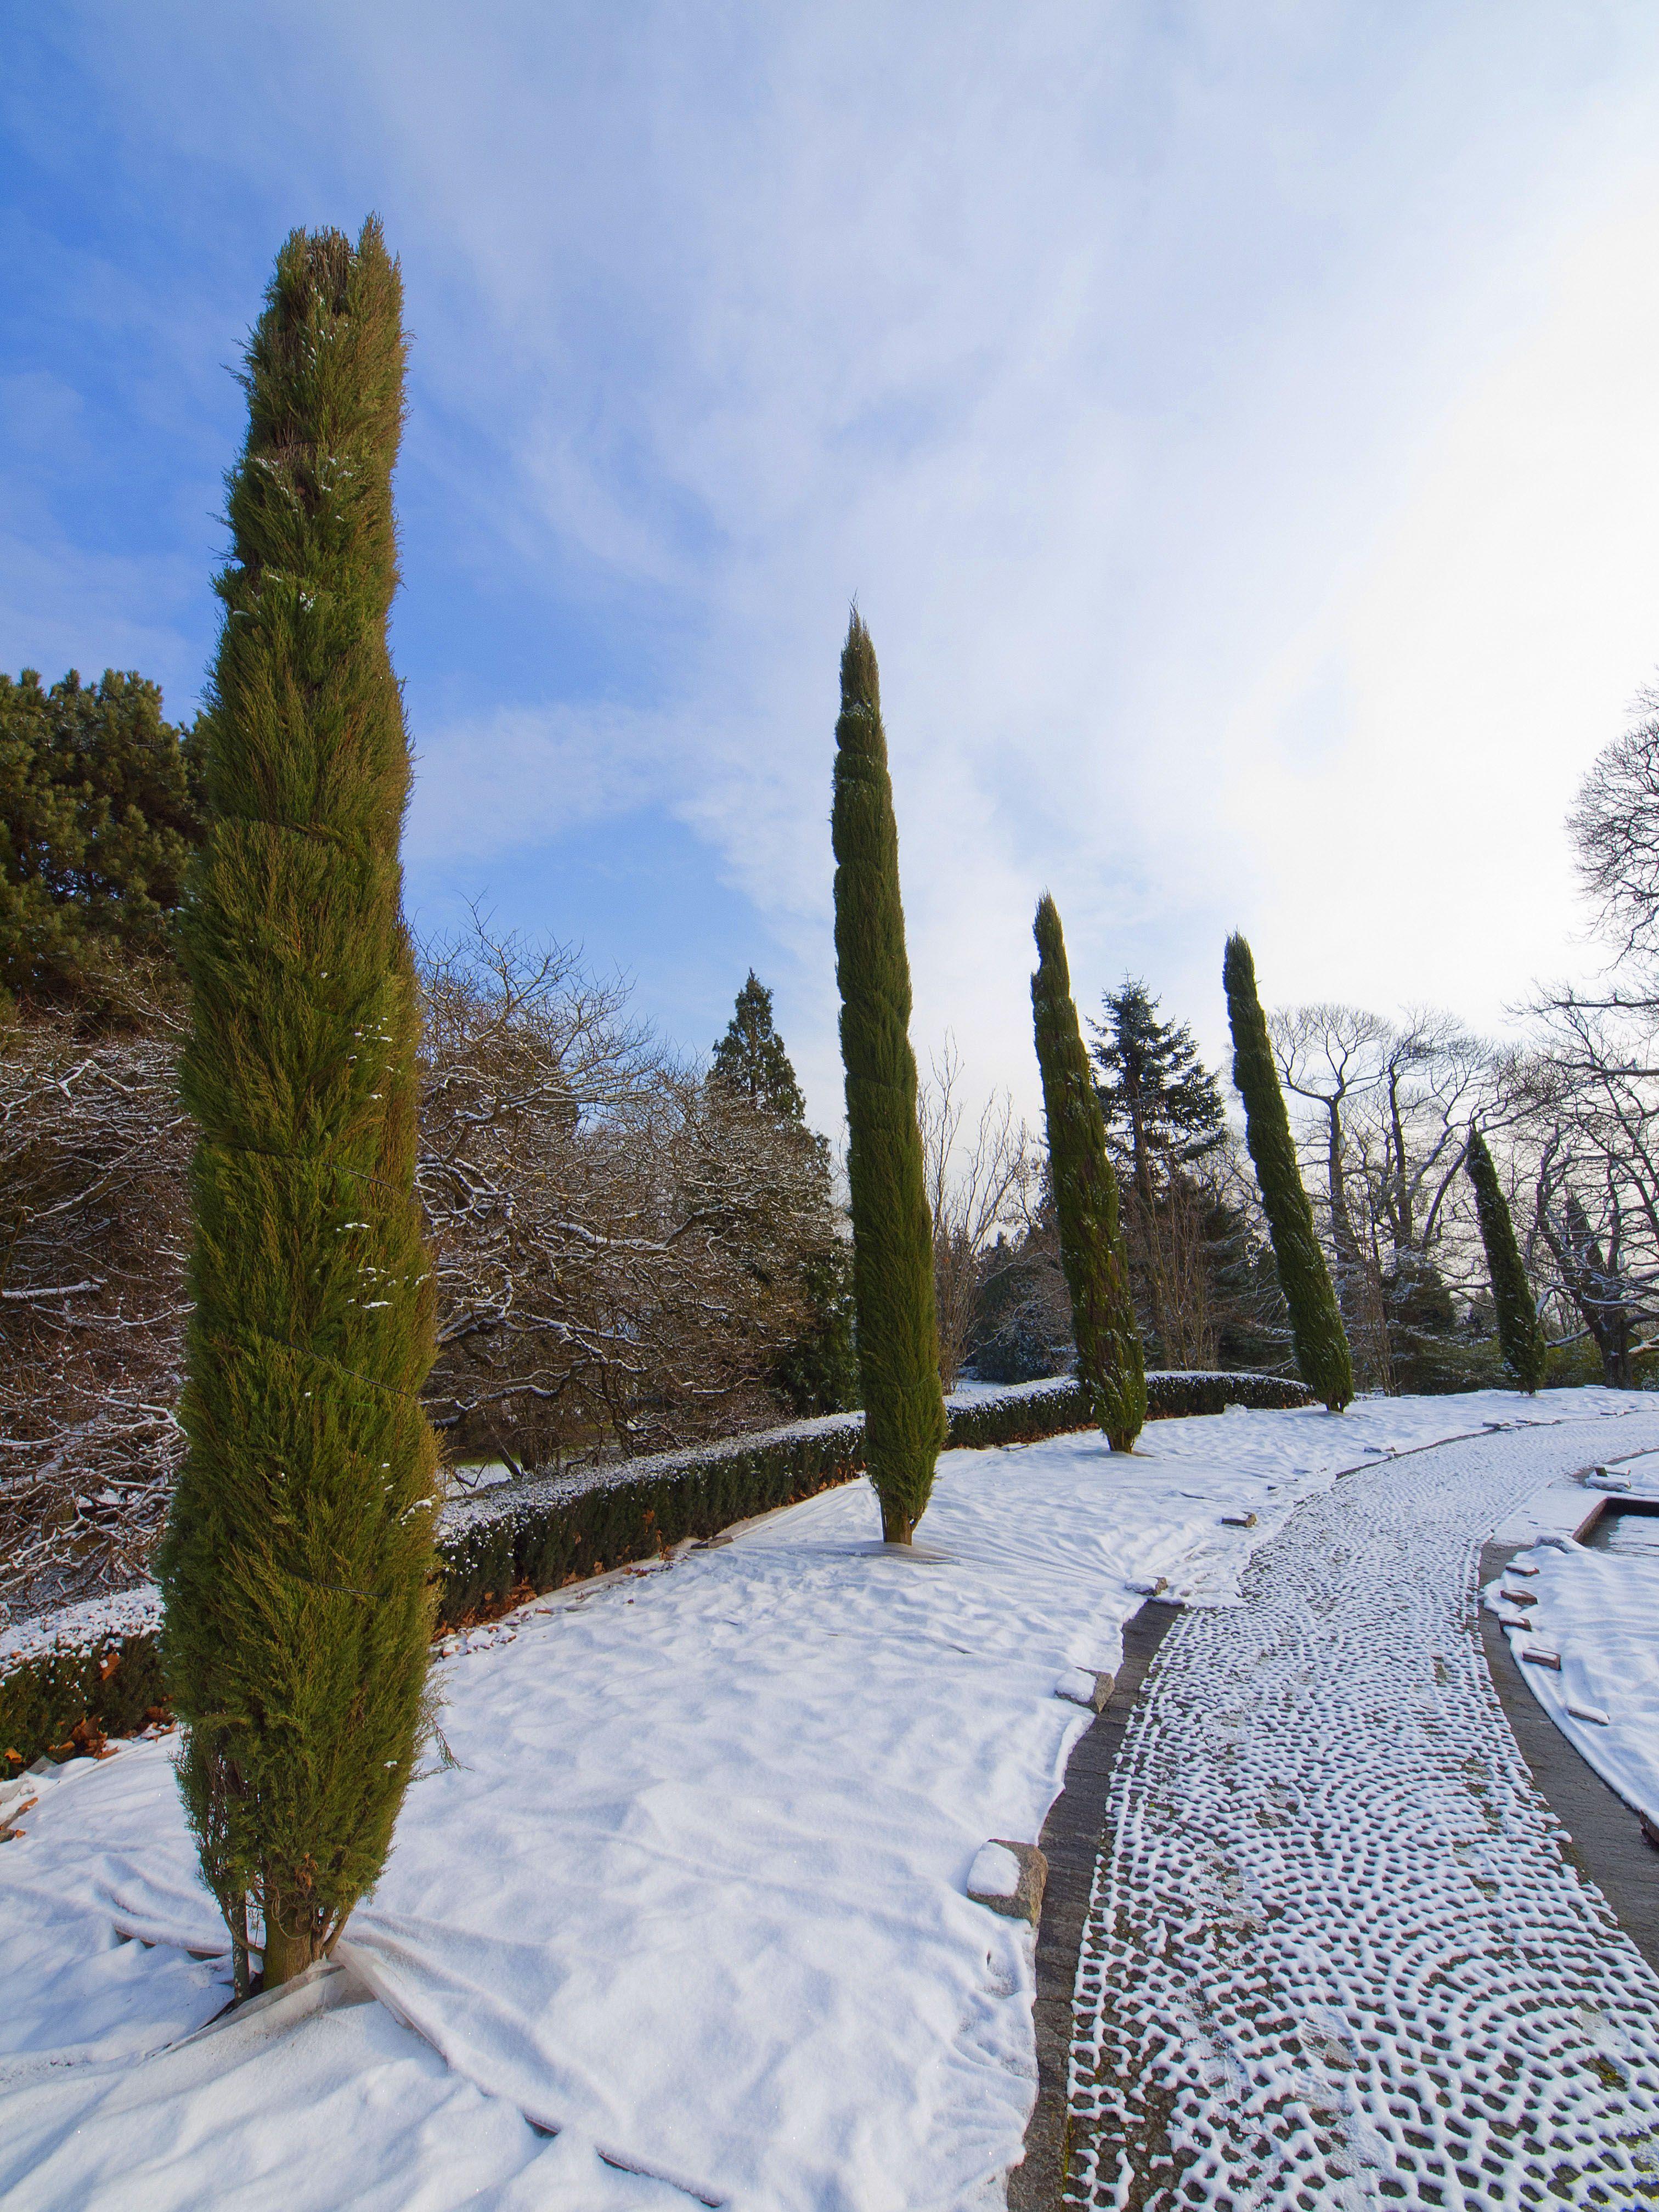 Zypressen im Schnee auf der Insel Mainau. Winterzeit am Bodensee ...